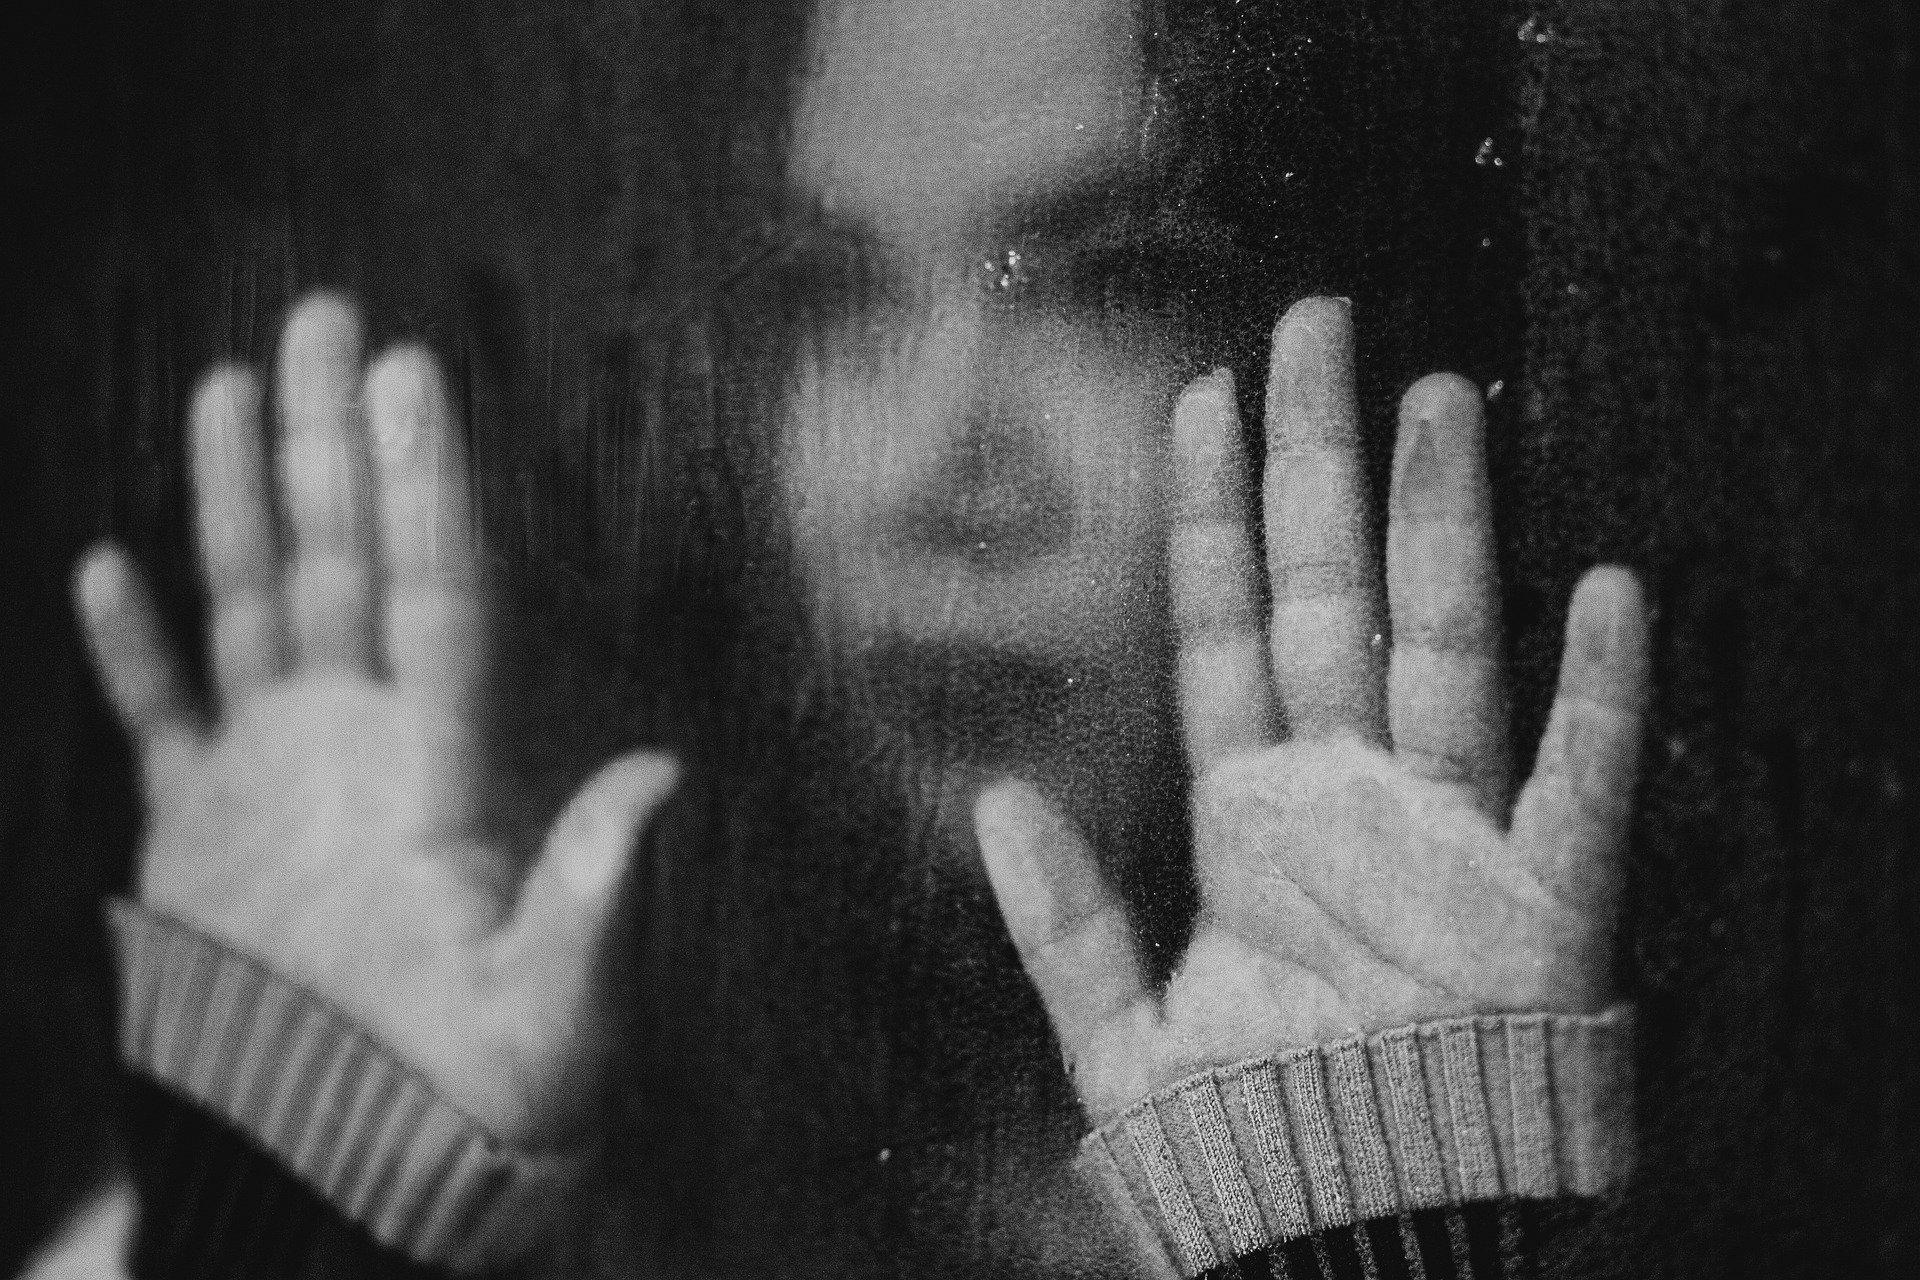 volto di una donna appoggiata con le mani ad un vetro